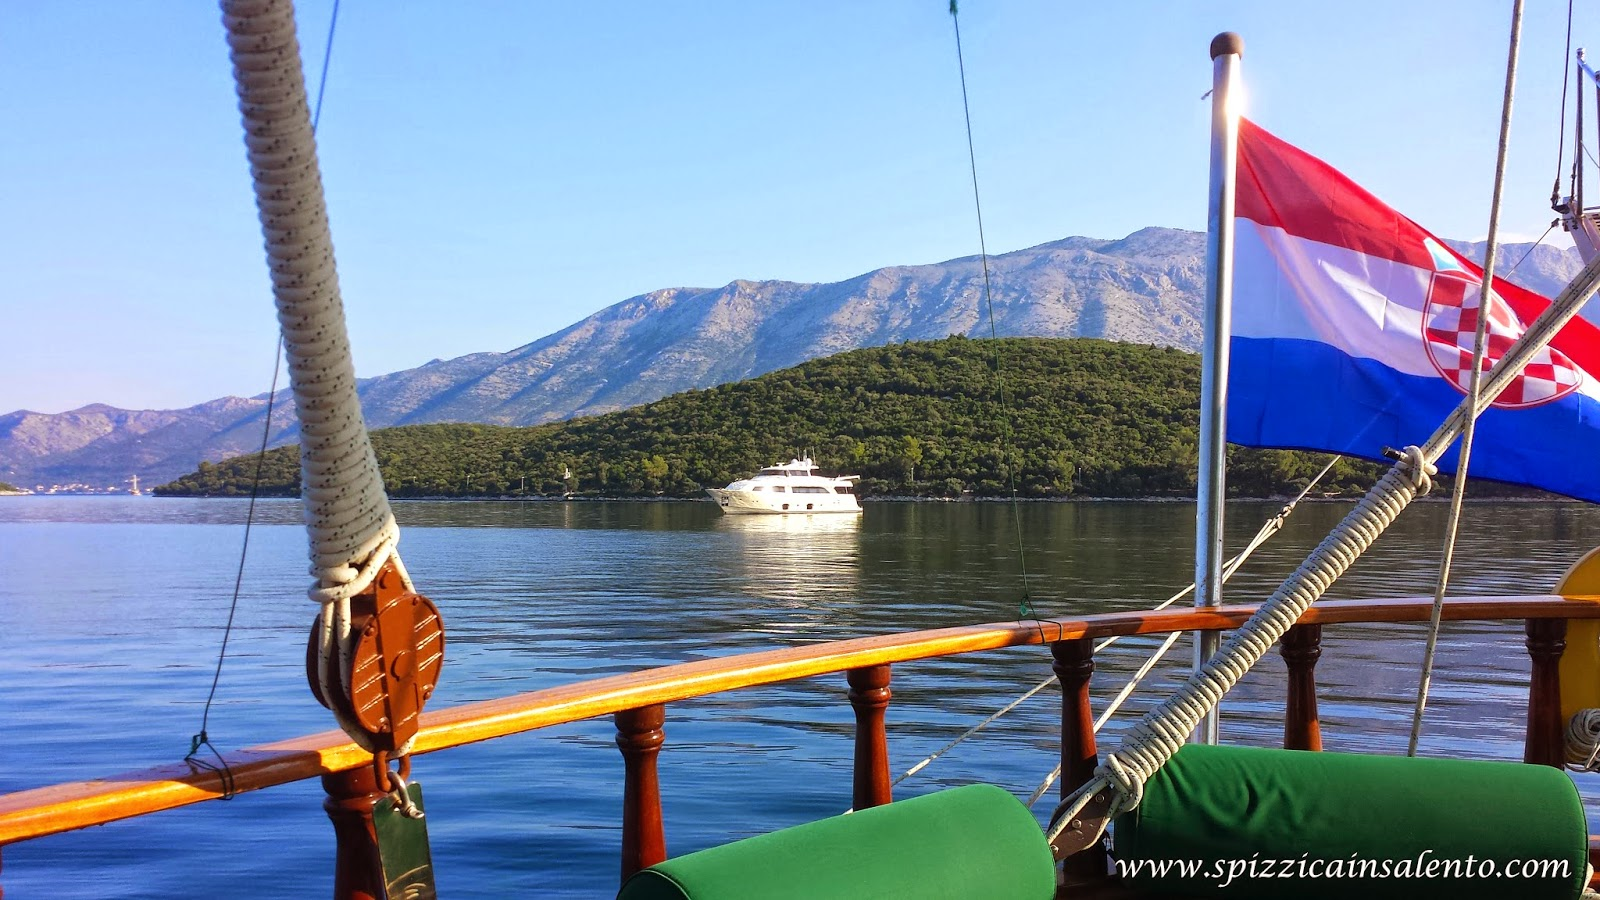 diario di bordo: in croazia con alisa alla scoperta delle isole della dalmazia